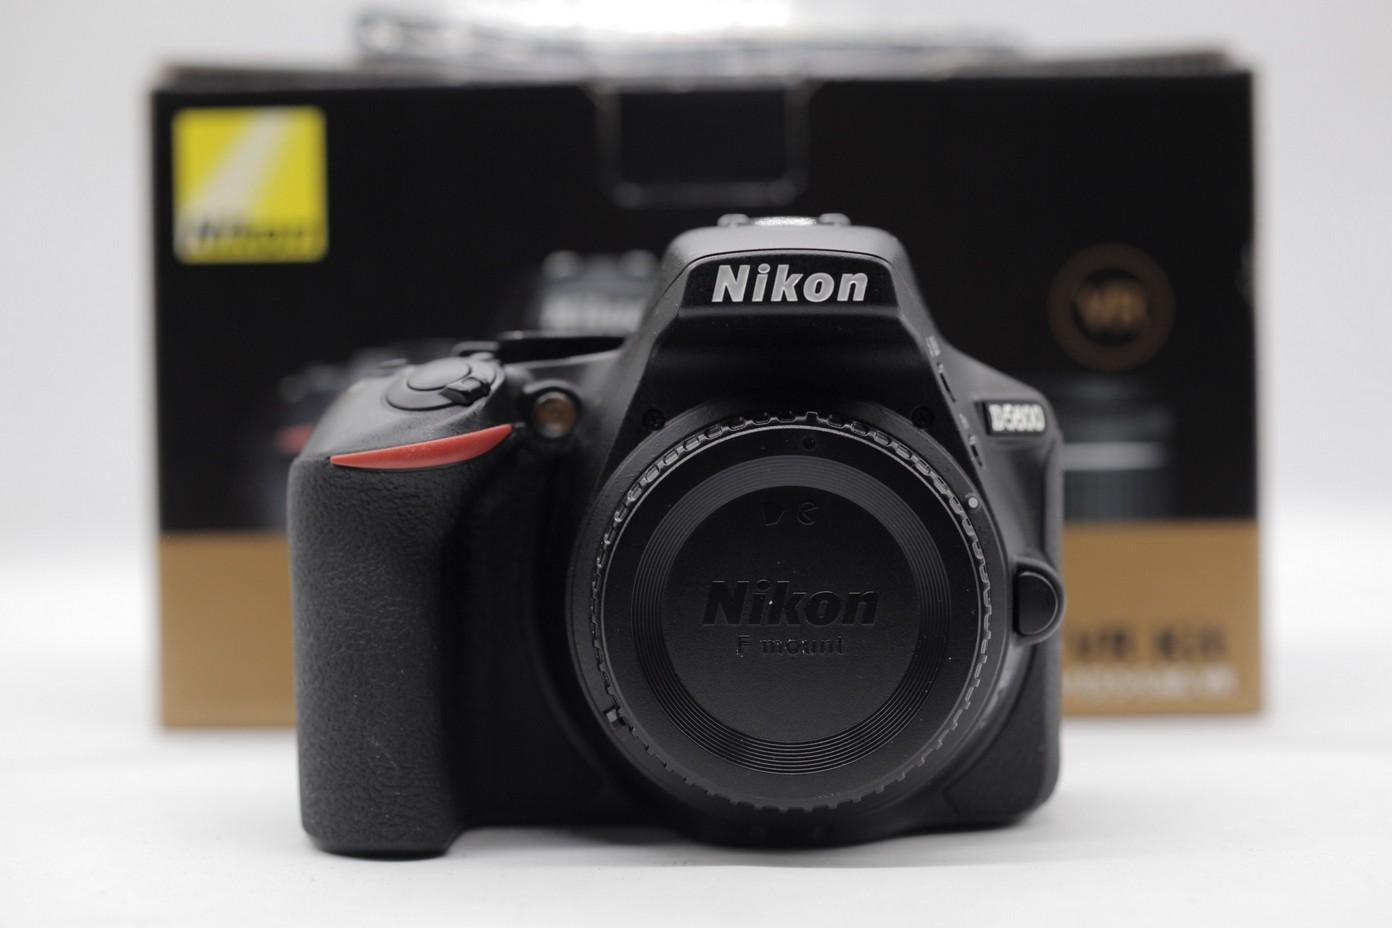 Used Nikon D5600 Dslr Camera With Af P 18 55mm F35 56g Vr Dx Sc 4k Kit